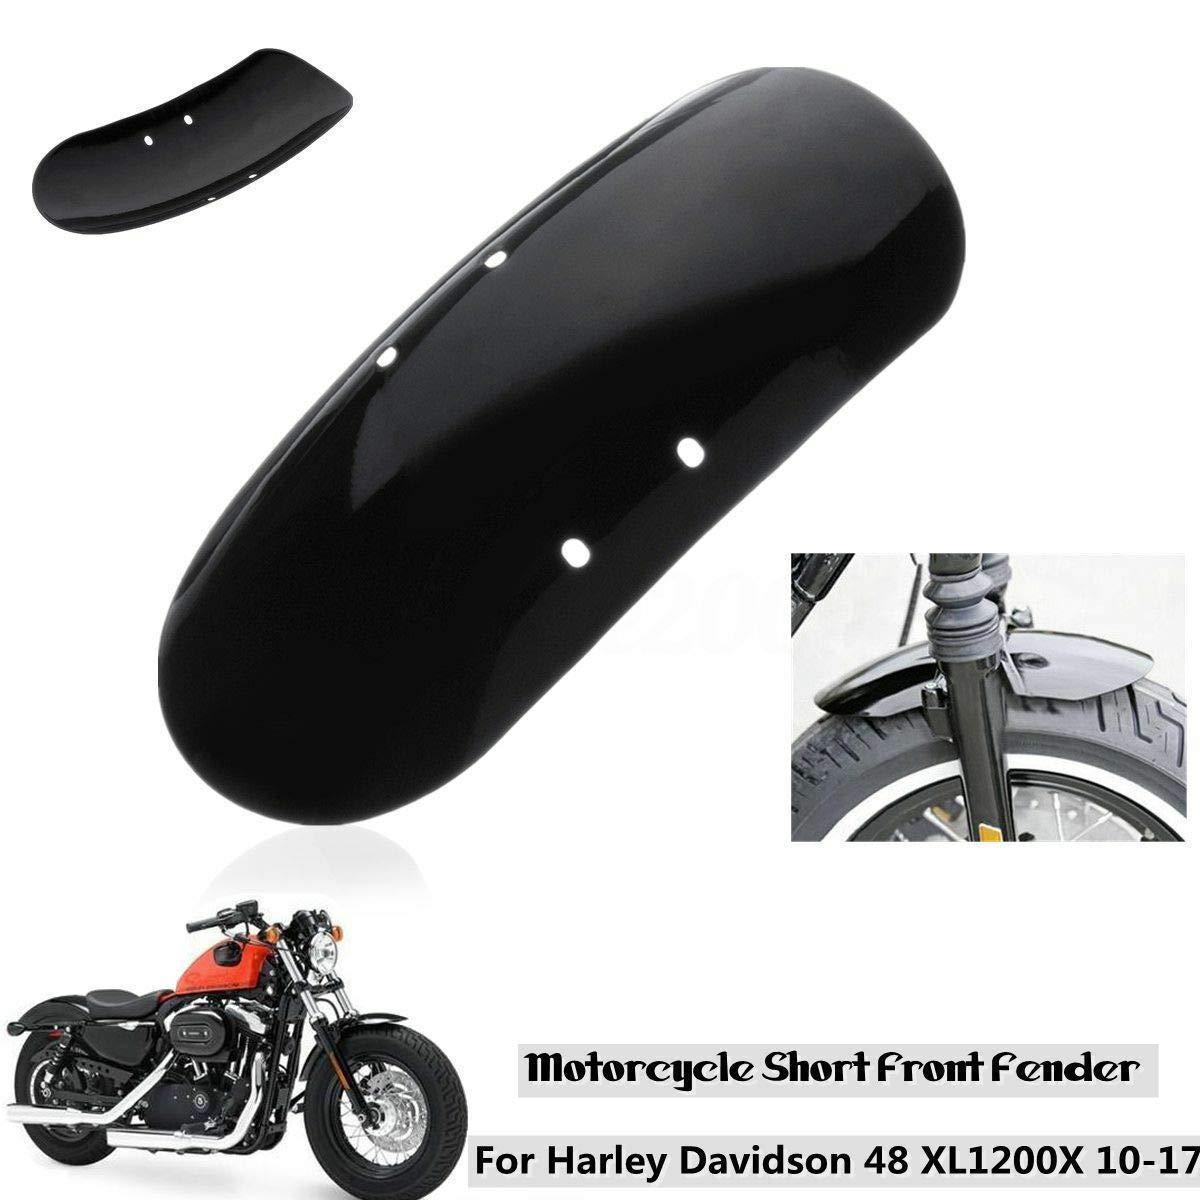 parafango Anteriore Corto in Metallo per Moto Harley Sportster 48 XL1200X 1200 2010 2017 RONSHIN